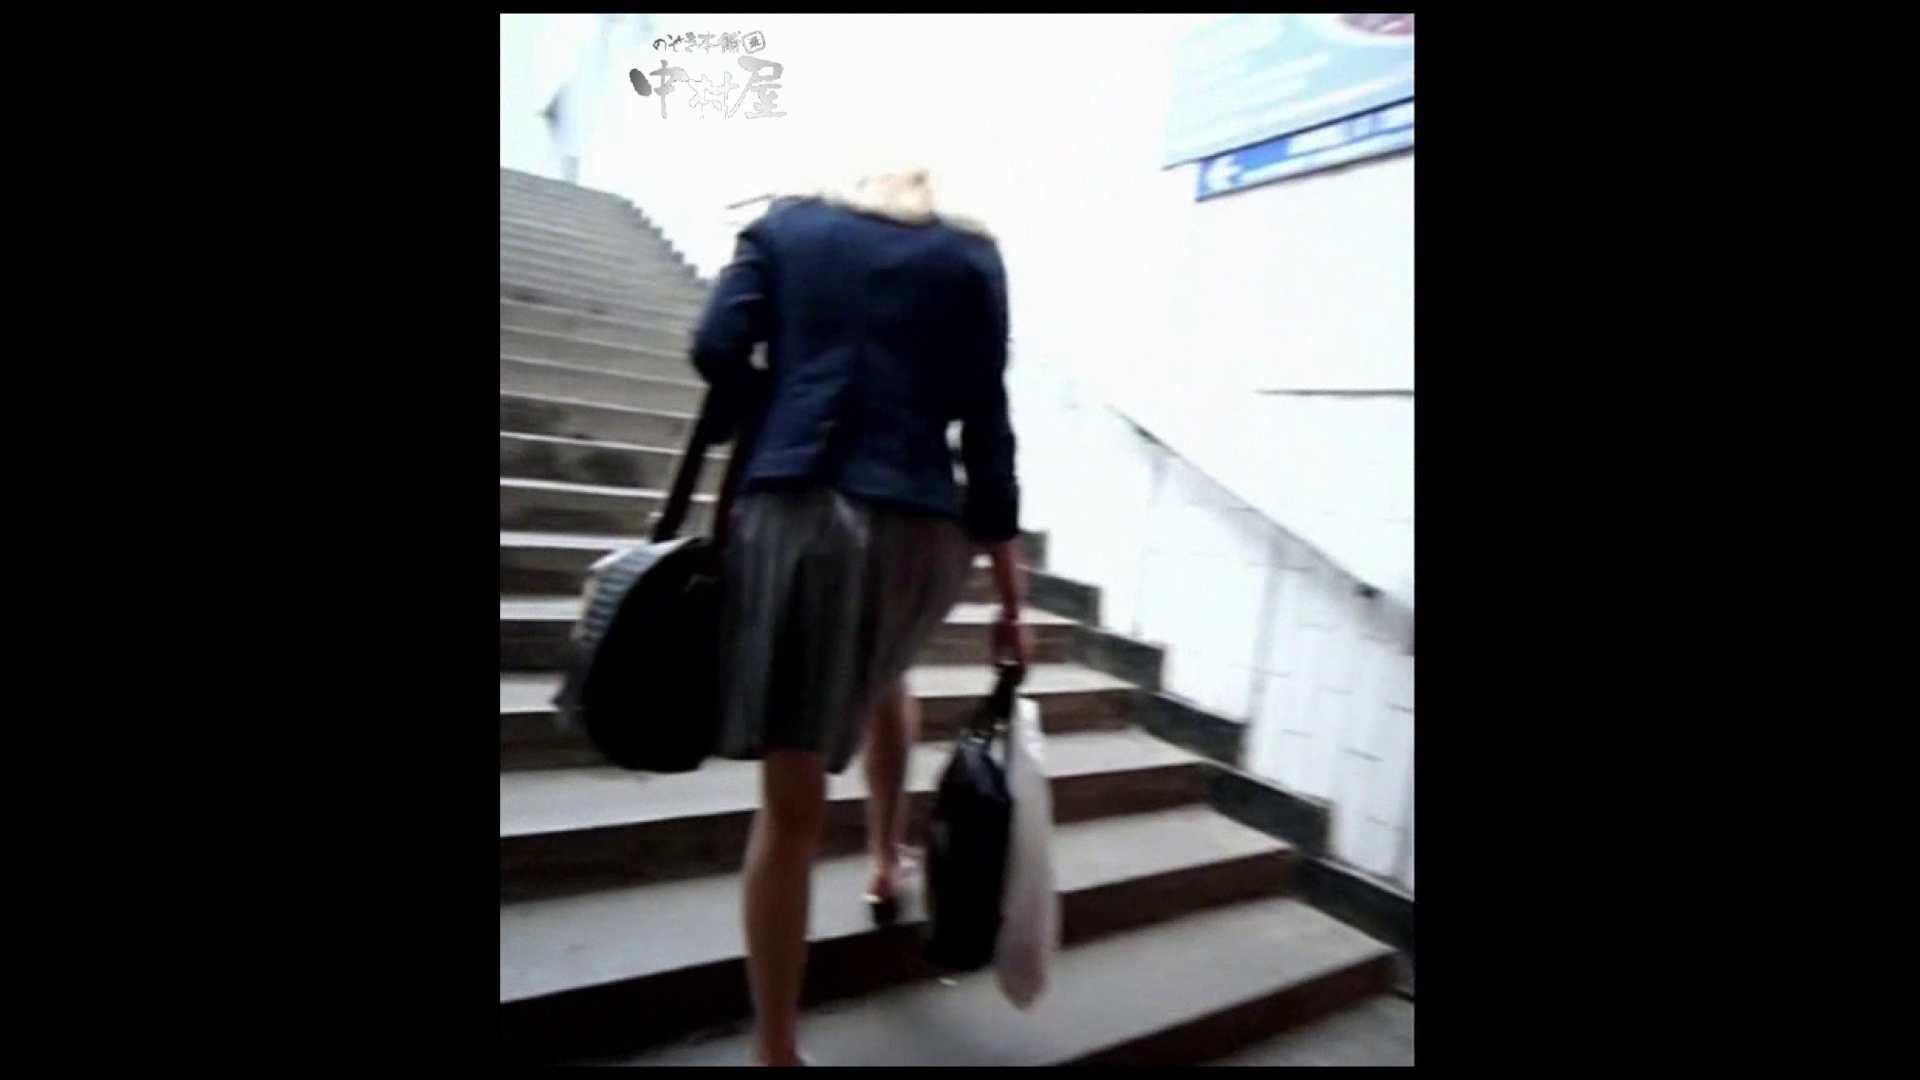 綺麗なモデルさんのスカート捲っちゃおう‼ vol30 お姉さんハメ撮り  109Pix 50